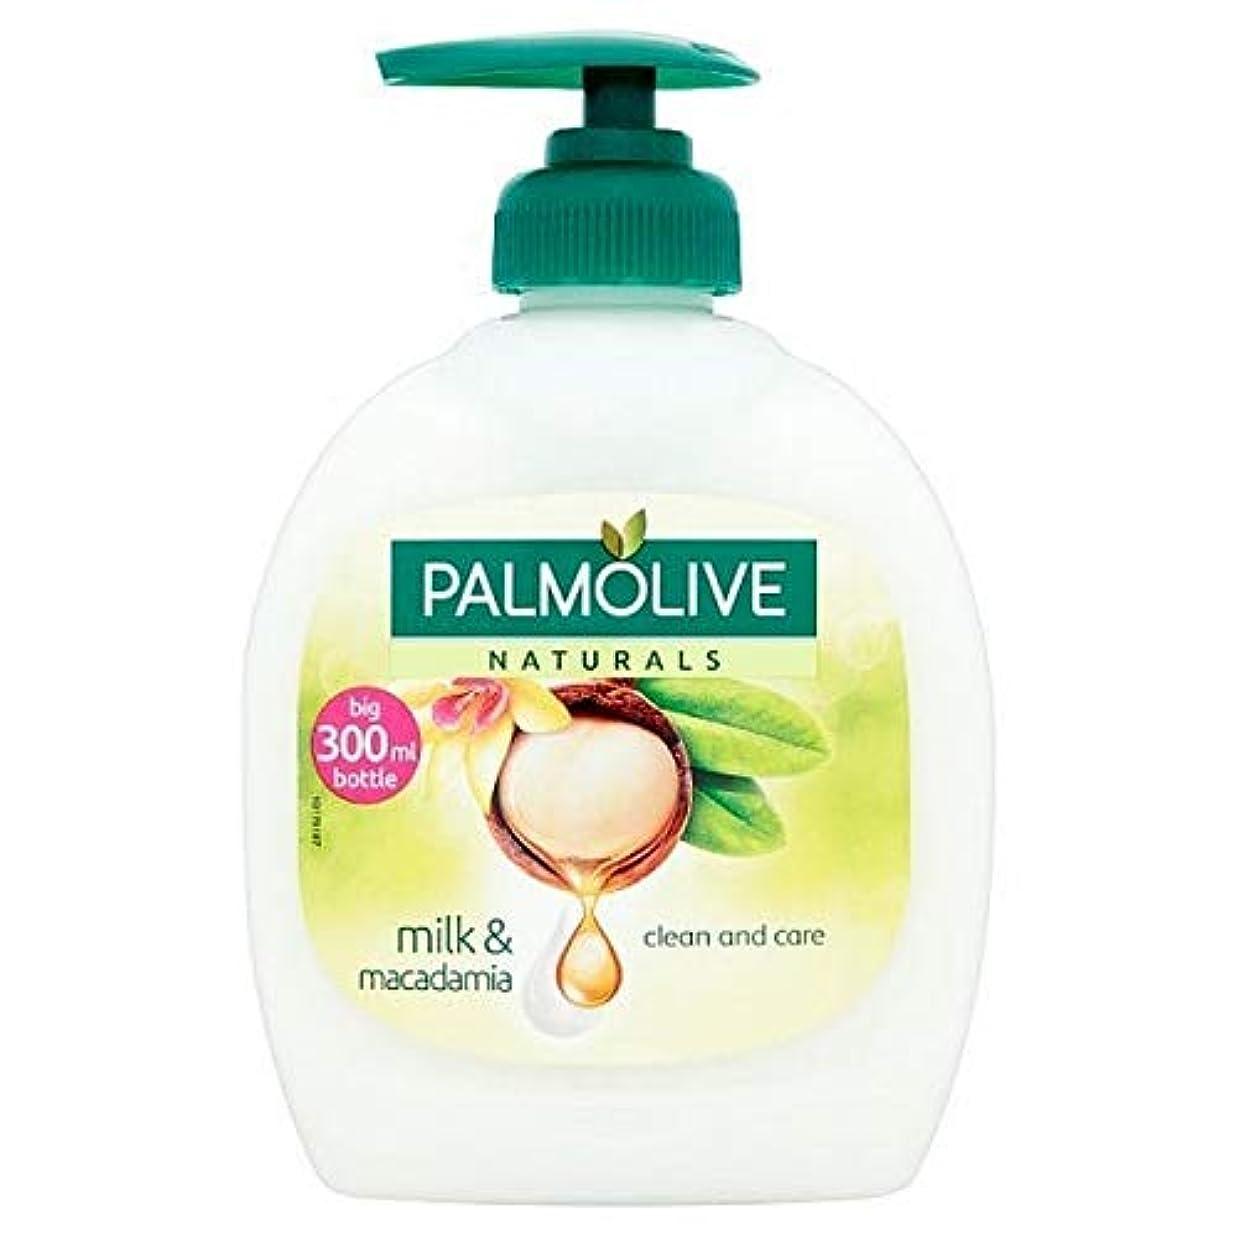 細い雄弁家なぜ[Palmolive ] パルモライブナチュラルマカダミア&バニラ液体手洗いの300ミリリットル - Palmolive Naturals Macadamia & Vanilla Liquid Handwash 300ml...